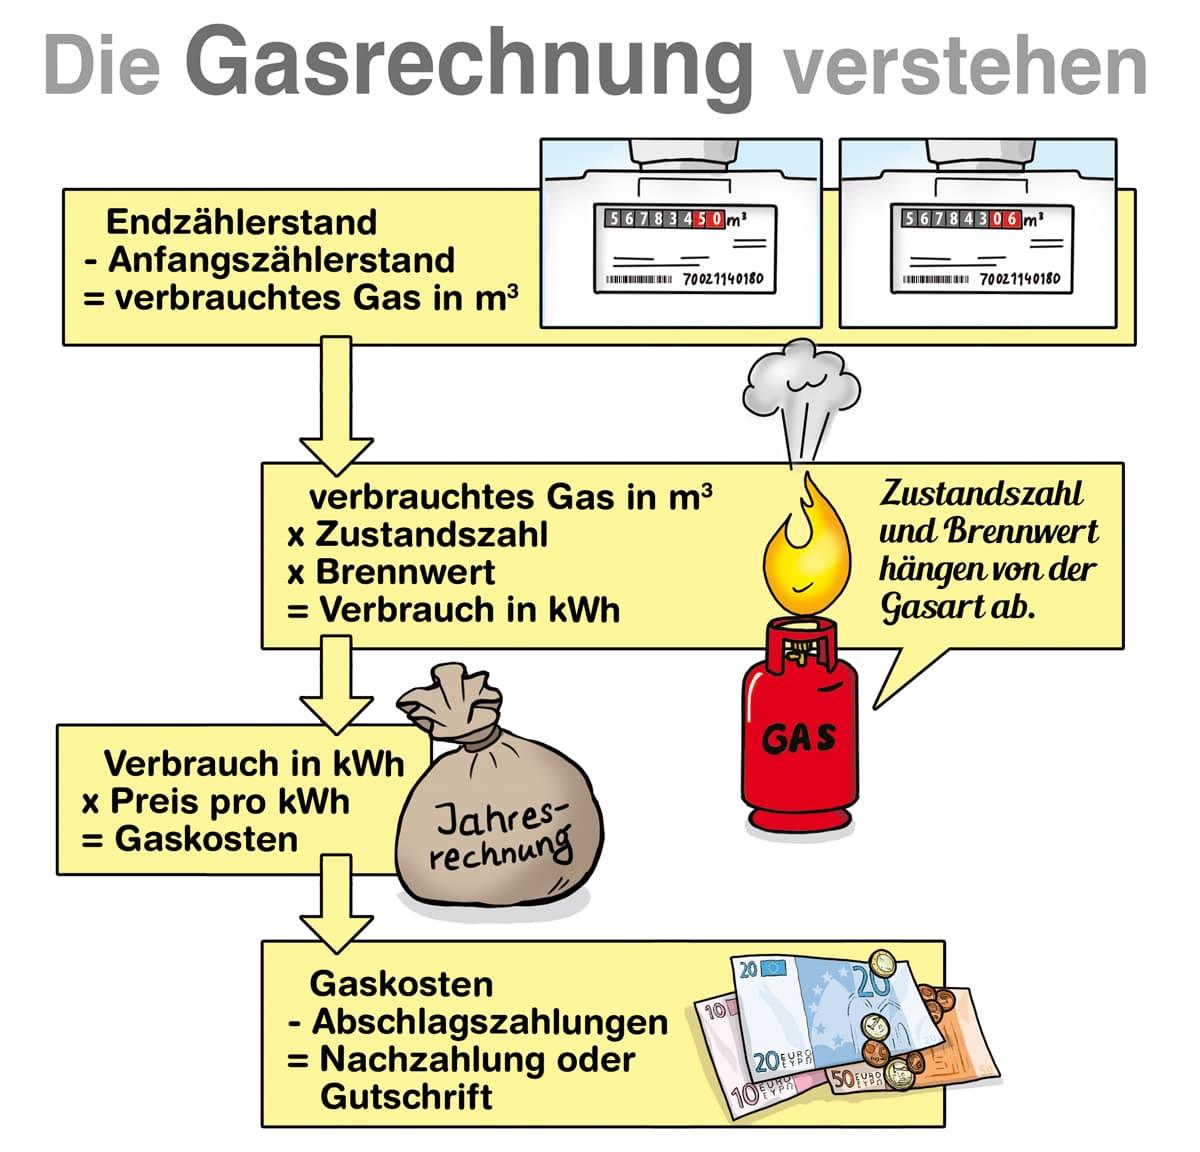 Die Gasrechnung verstehen